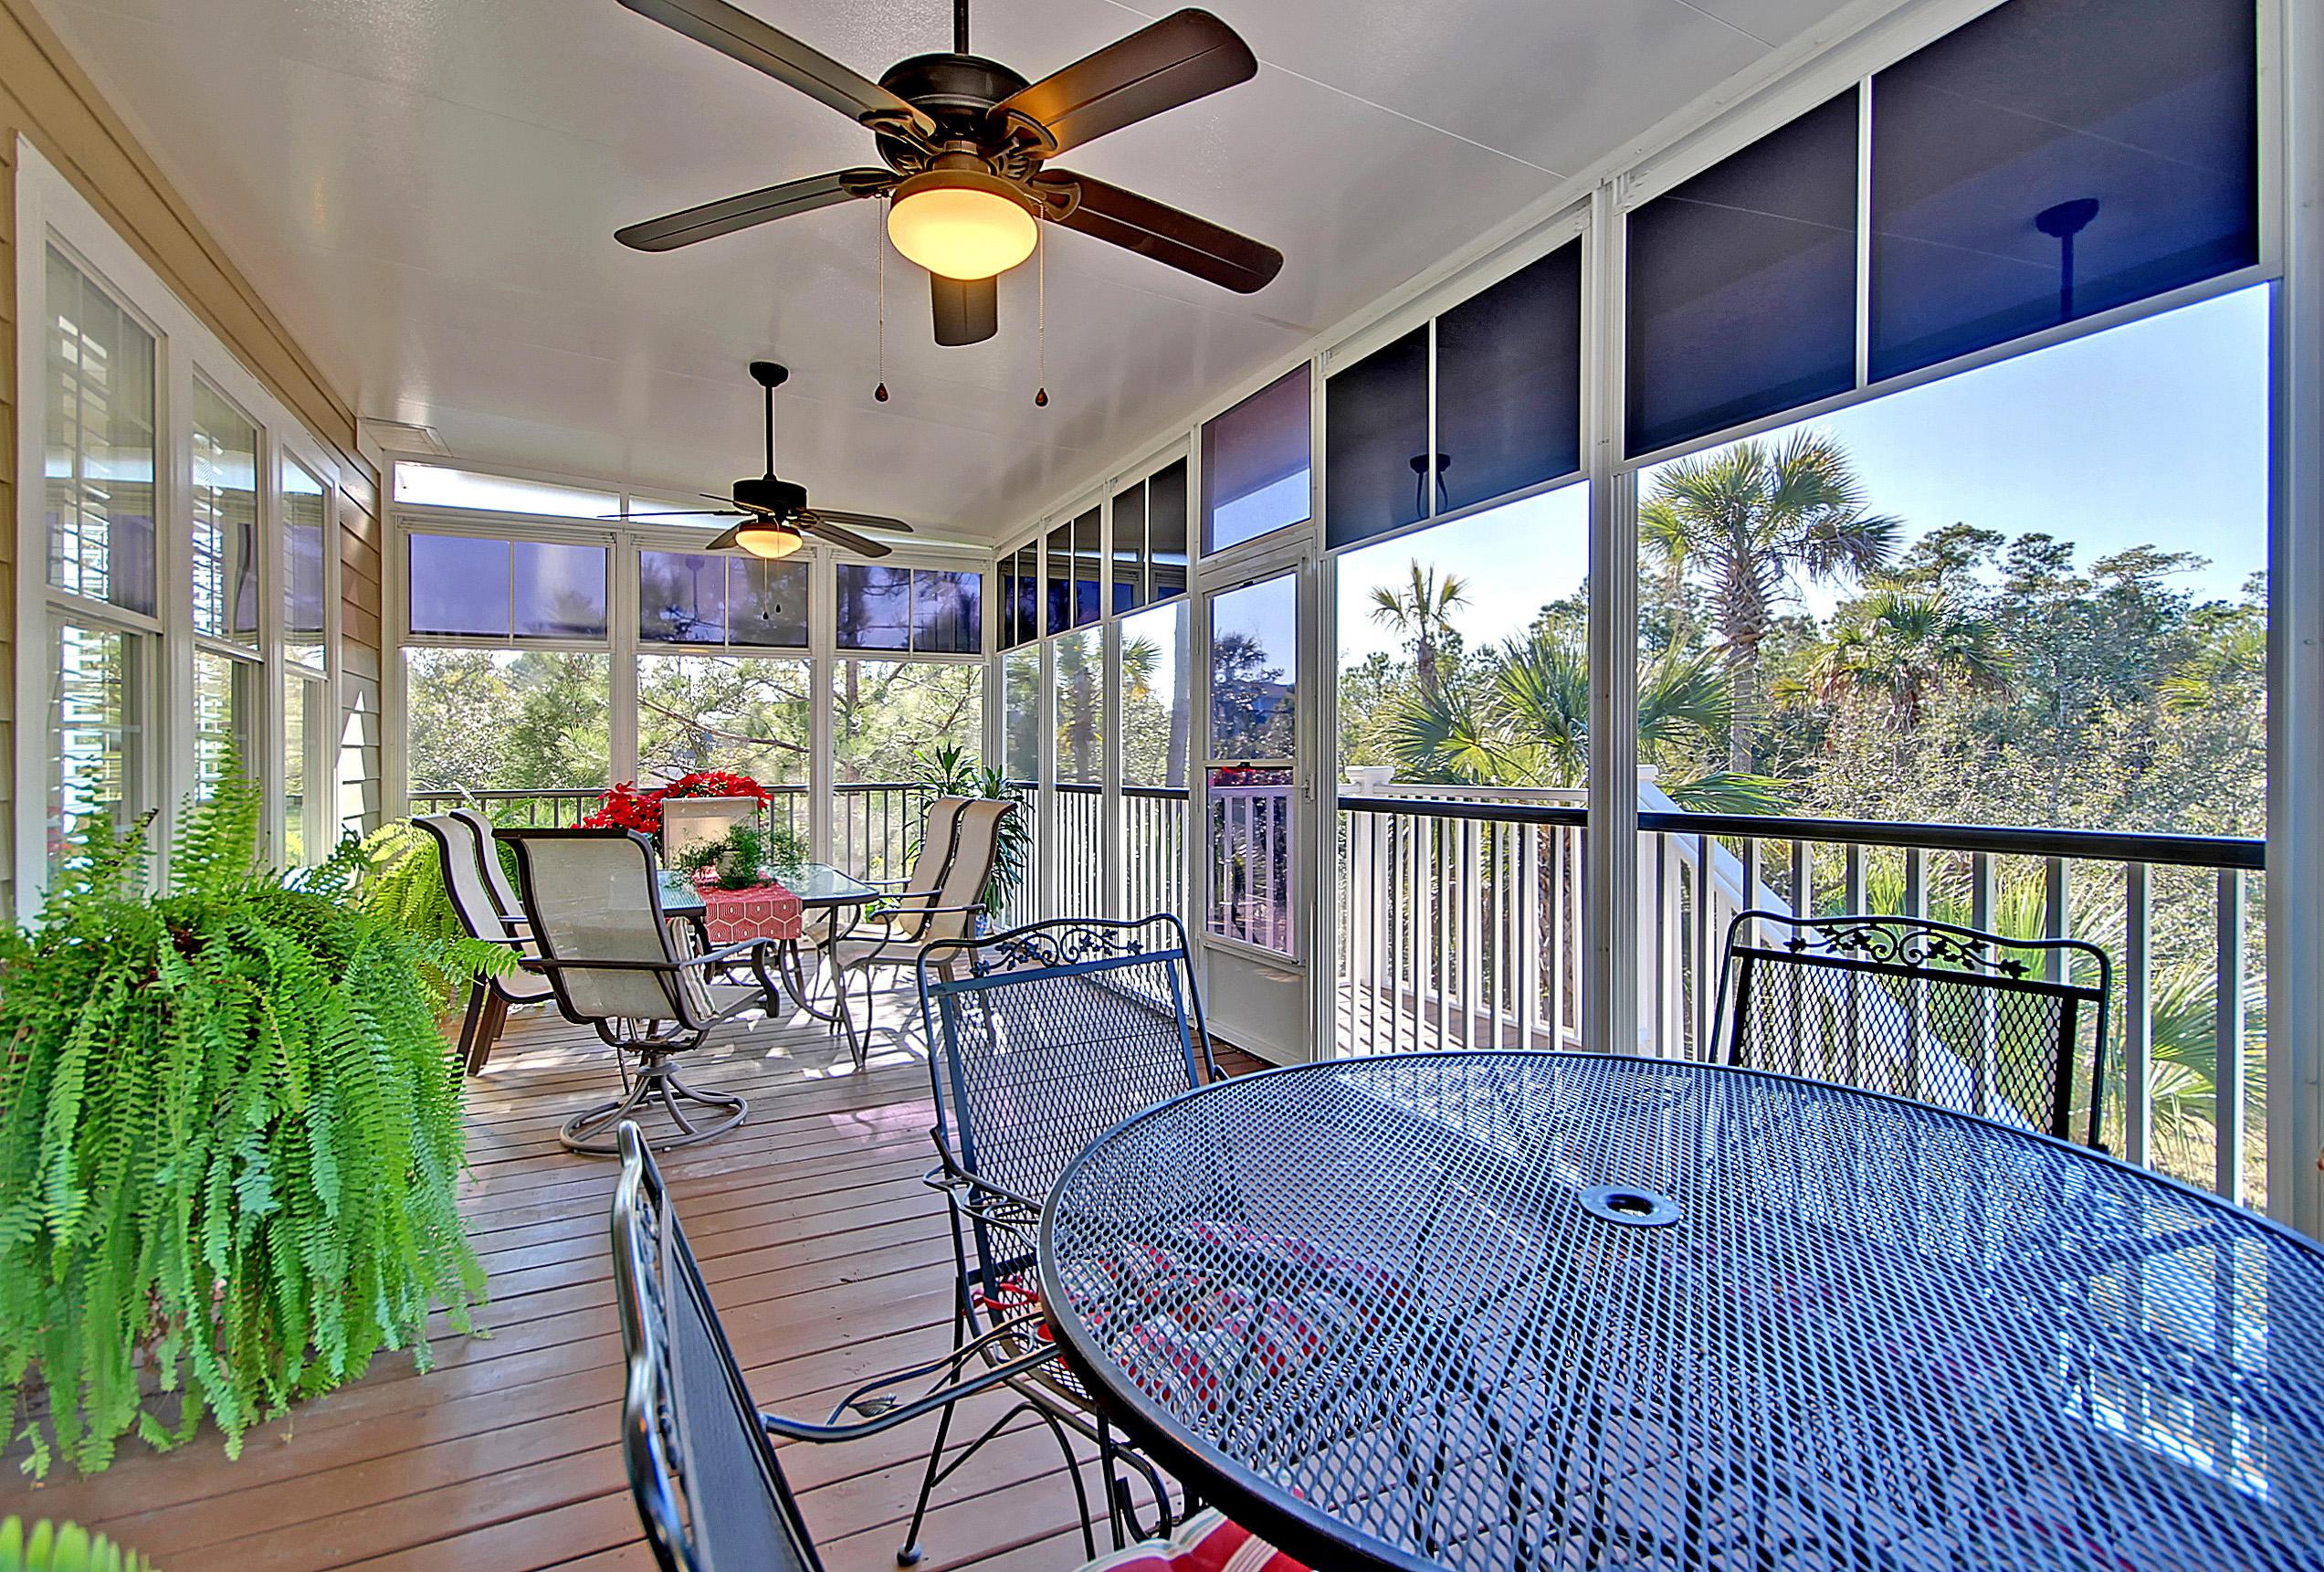 Dunes West Homes For Sale - 2721 Fountainhead, Mount Pleasant, SC - 12